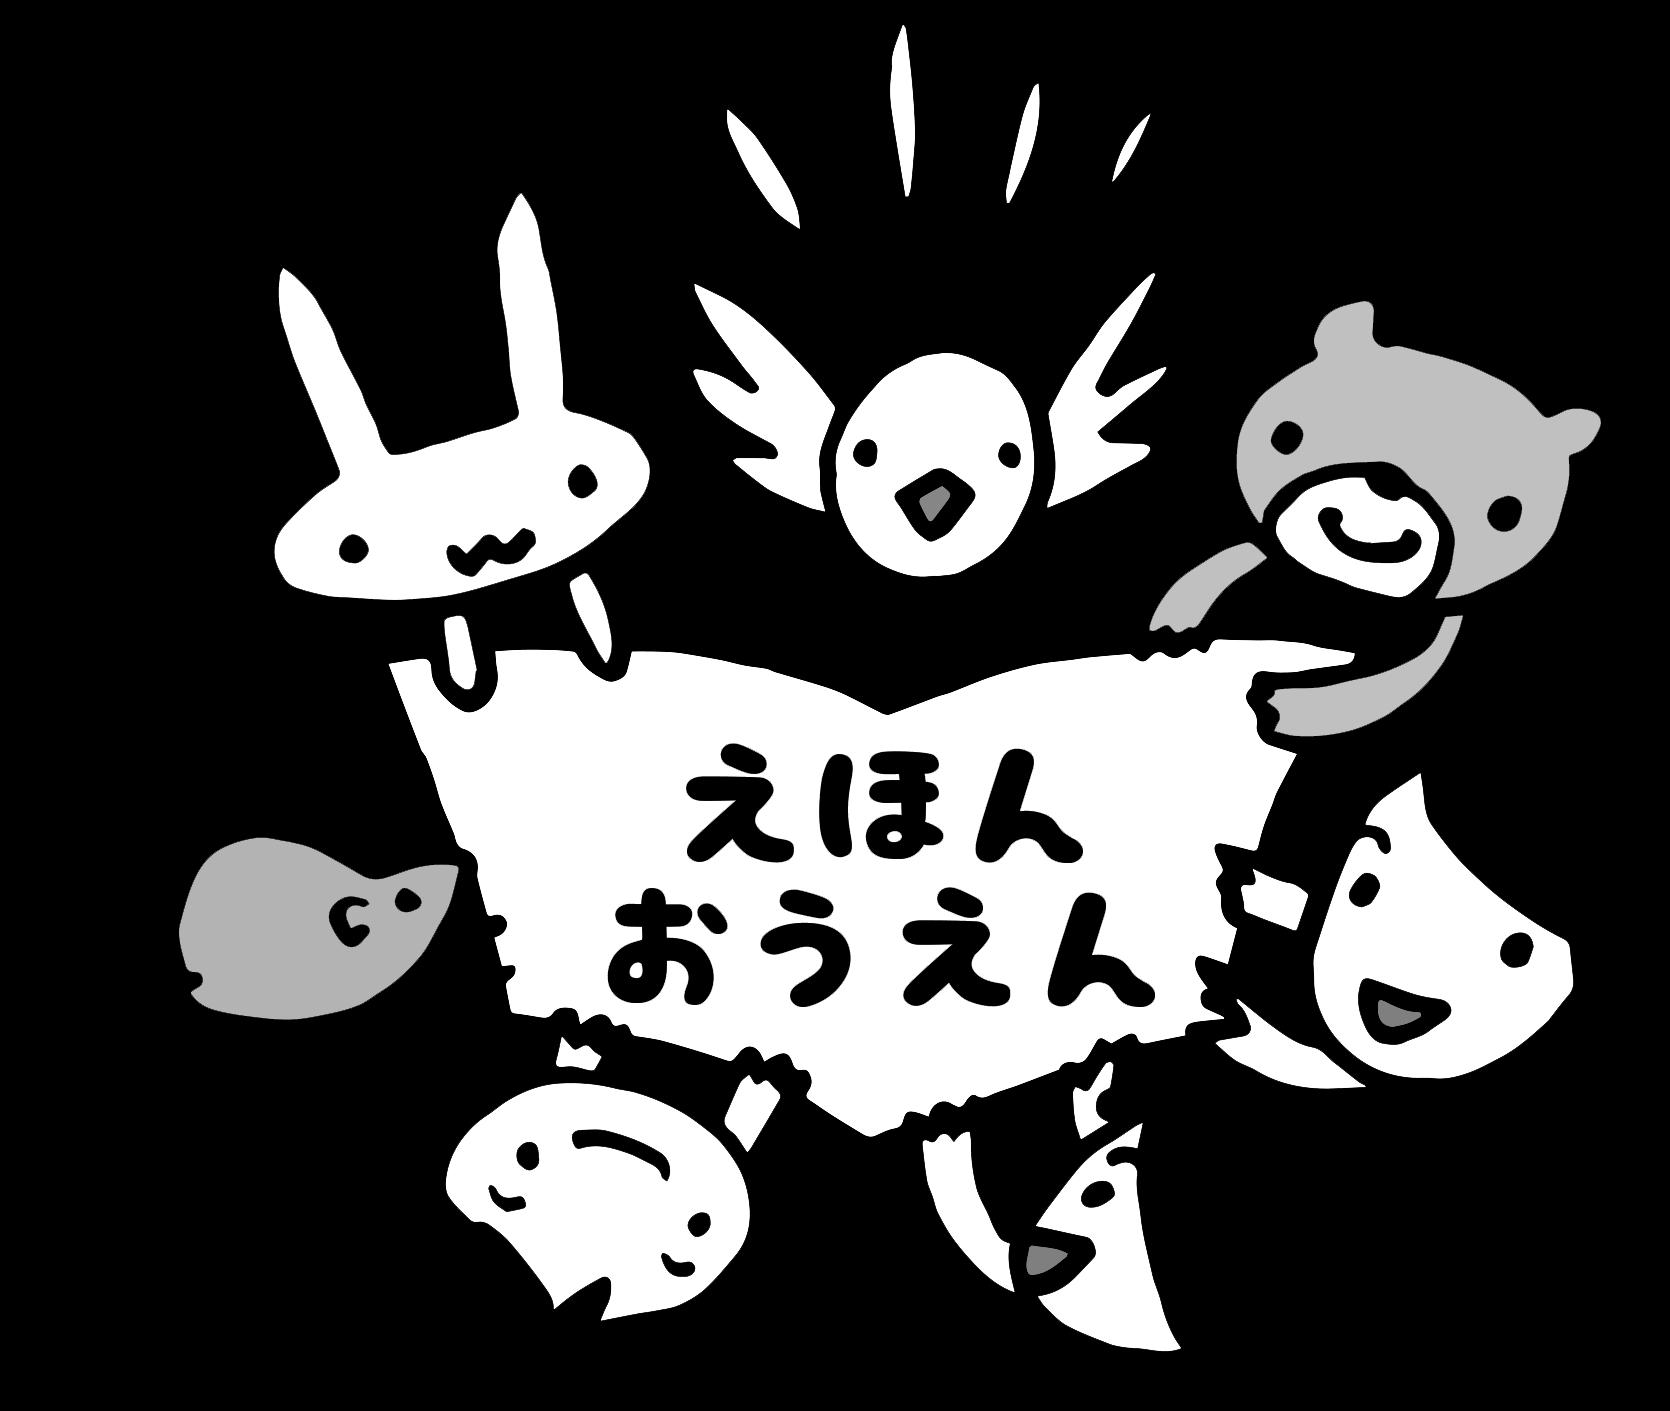 ロゴマーク・モノクロ